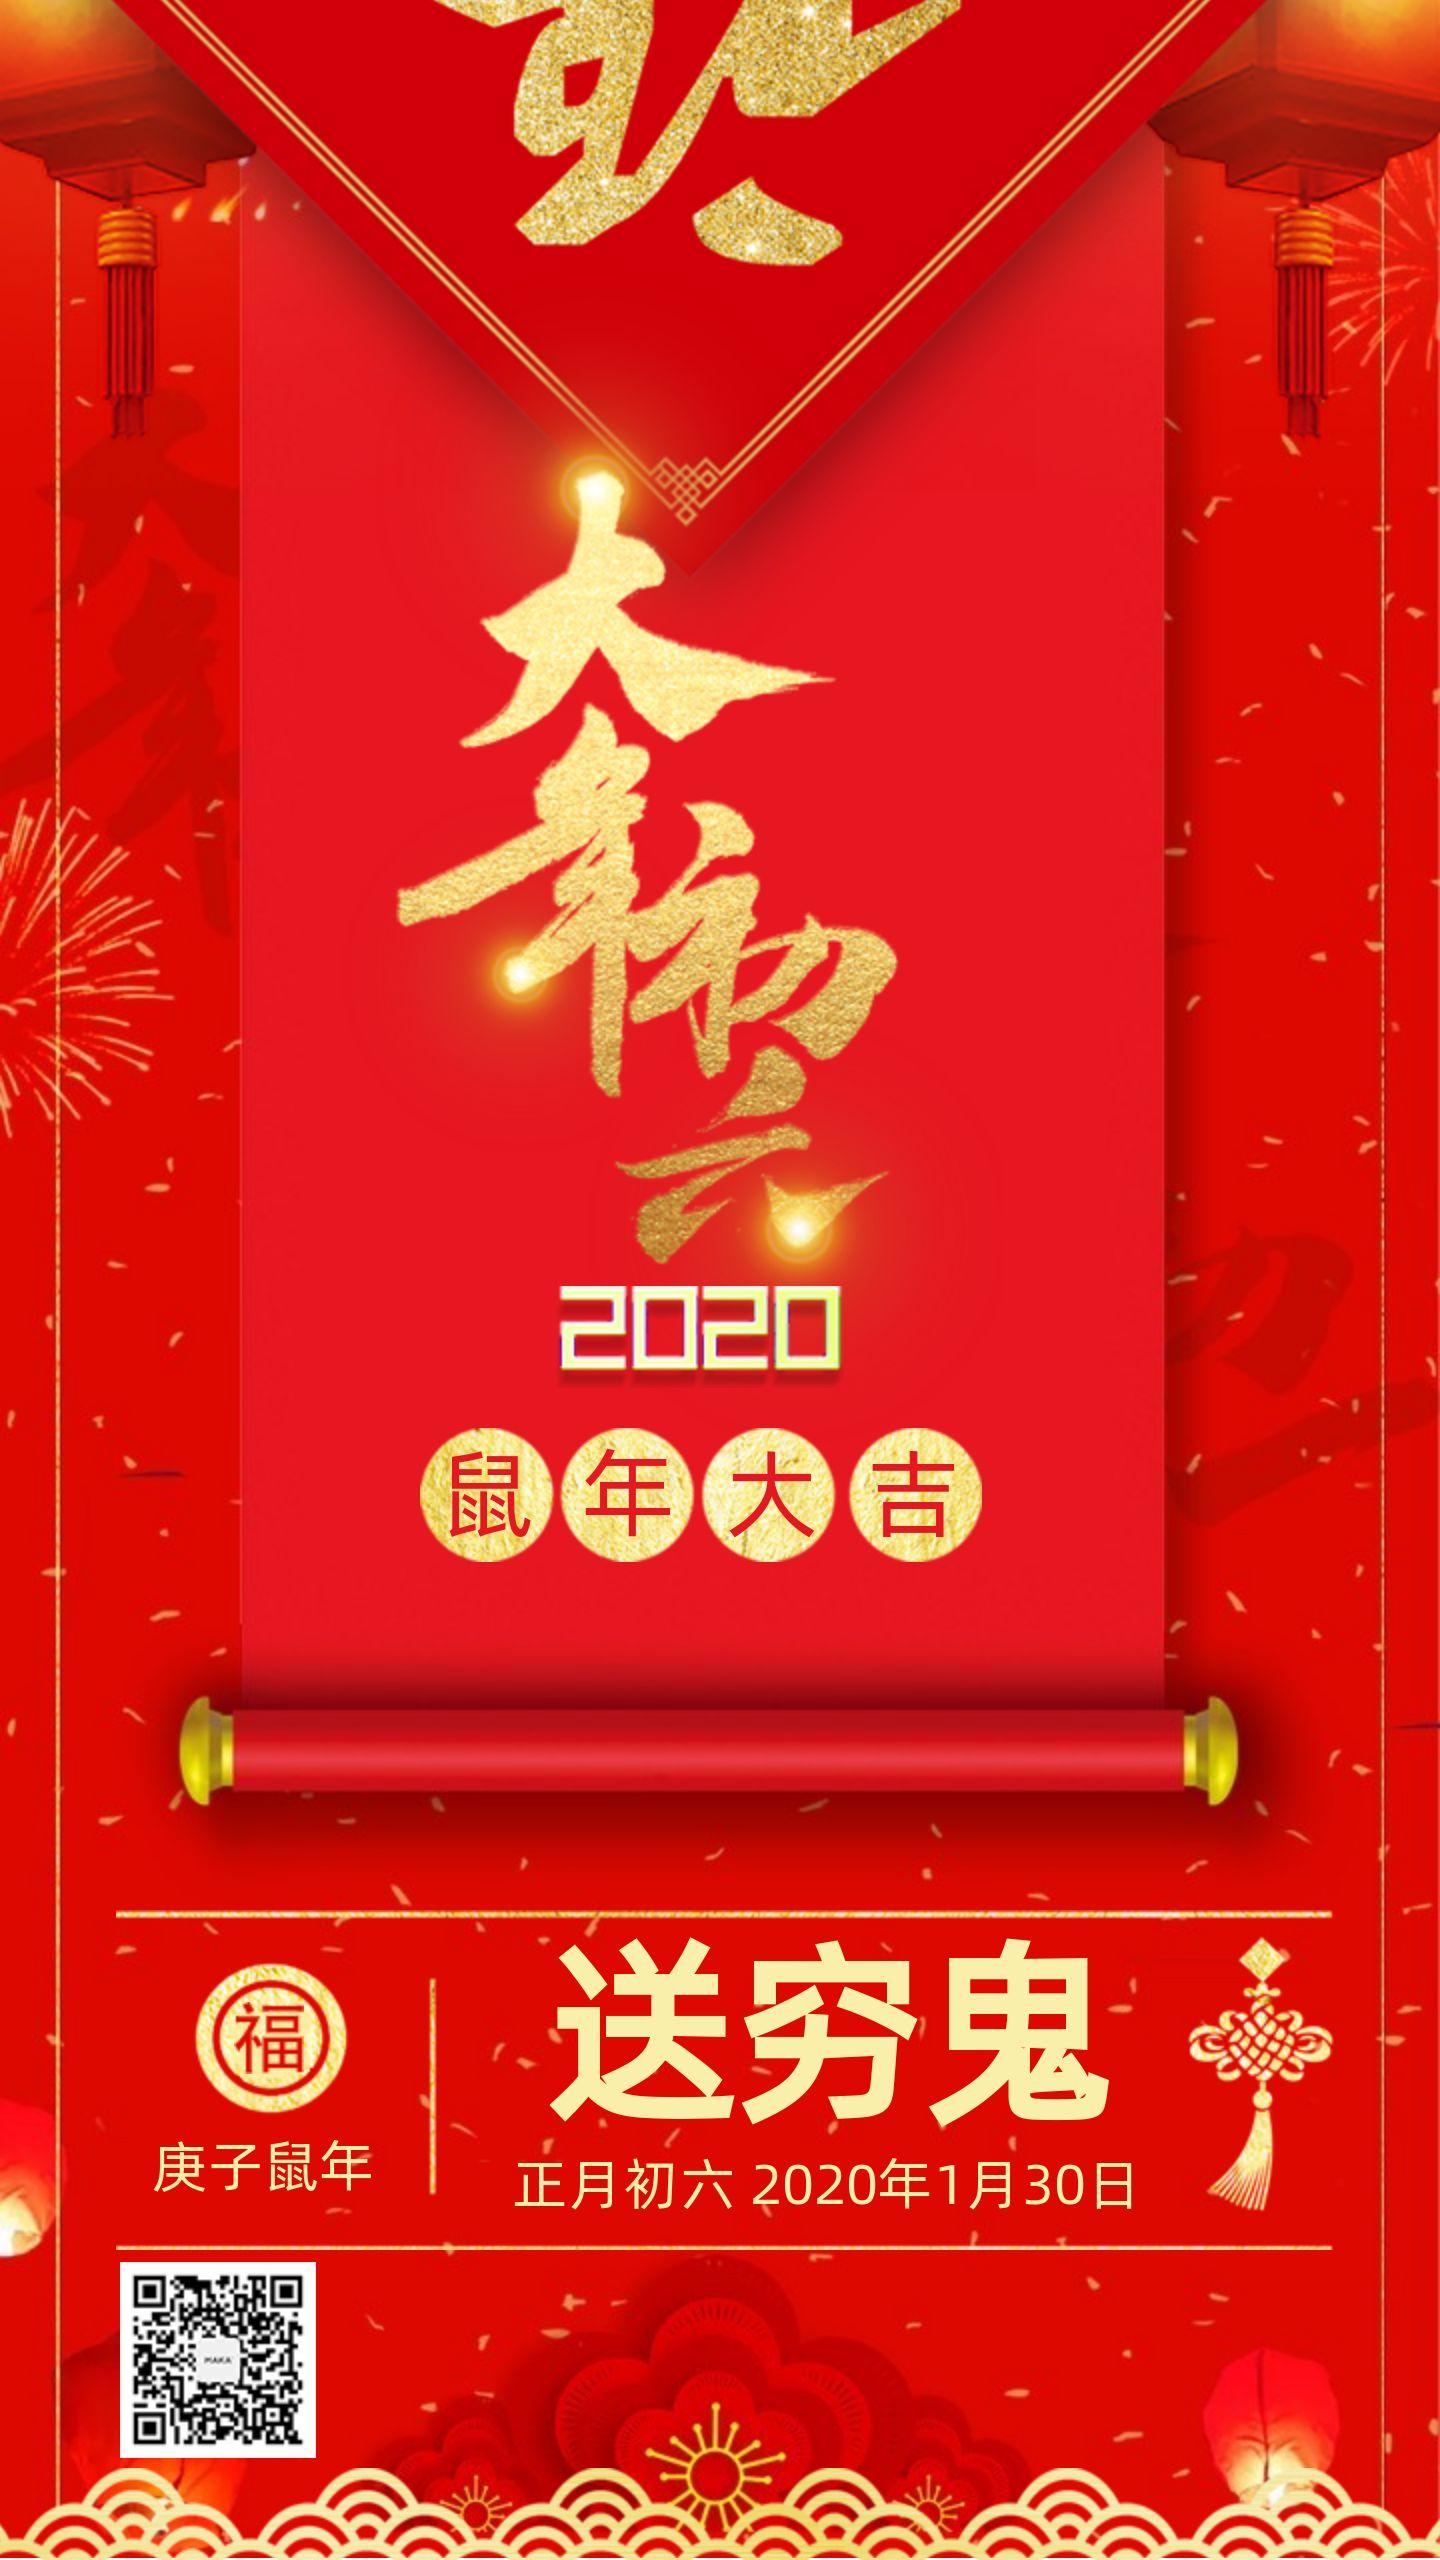 正月初六送穷鬼中国风2020鼠年春节祝福大年初六拜年手机版新年日签习俗海报